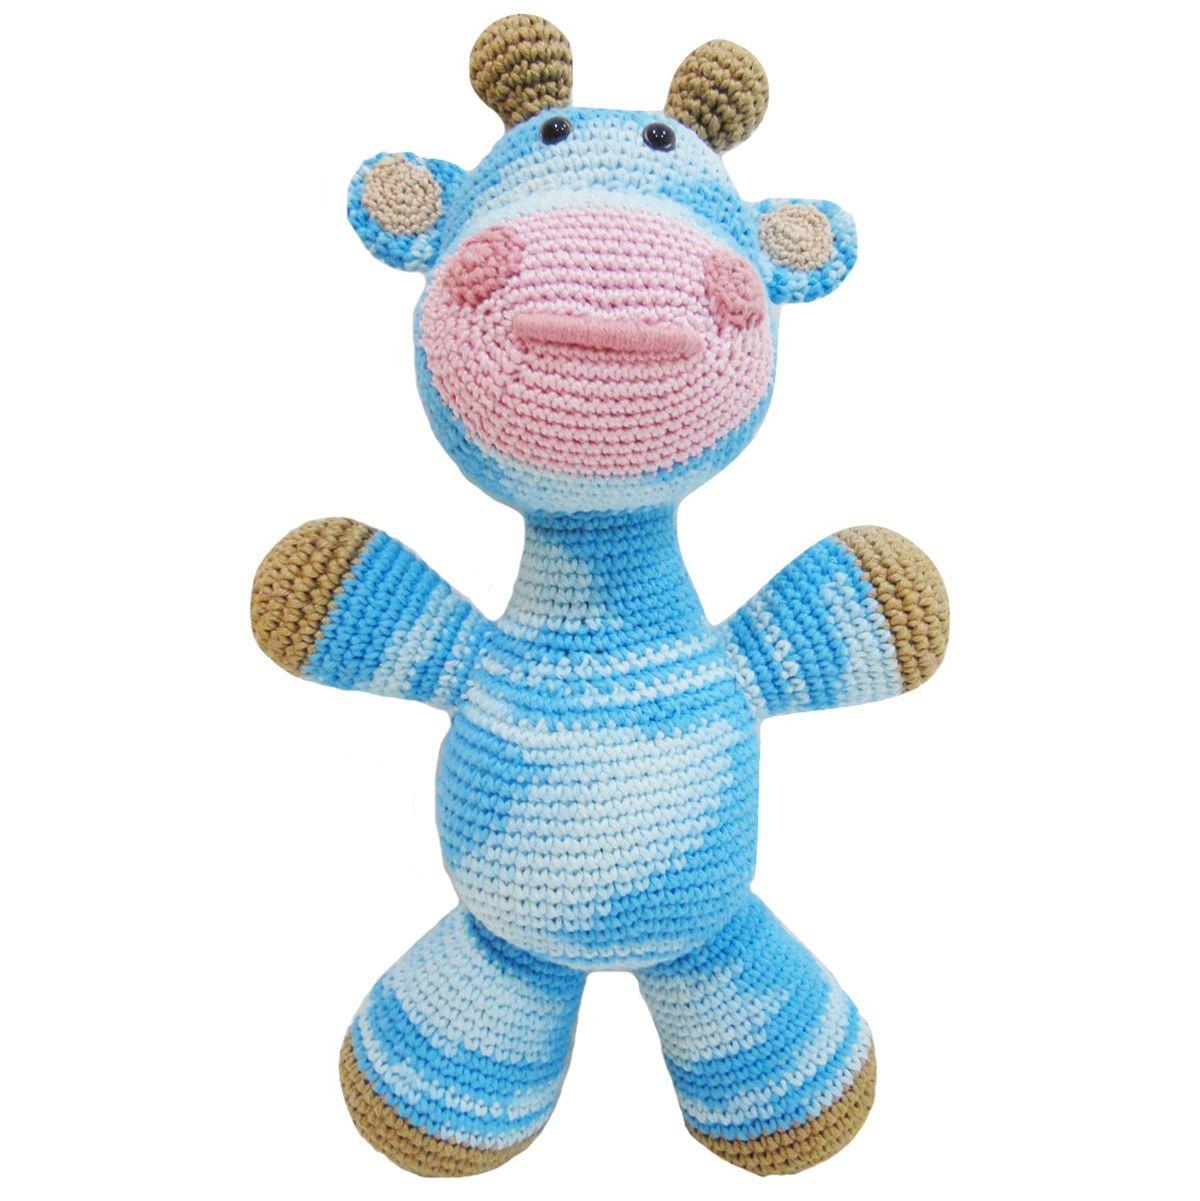 Girafa Bicho Croche Amigurumi Fofinho Grande Azul